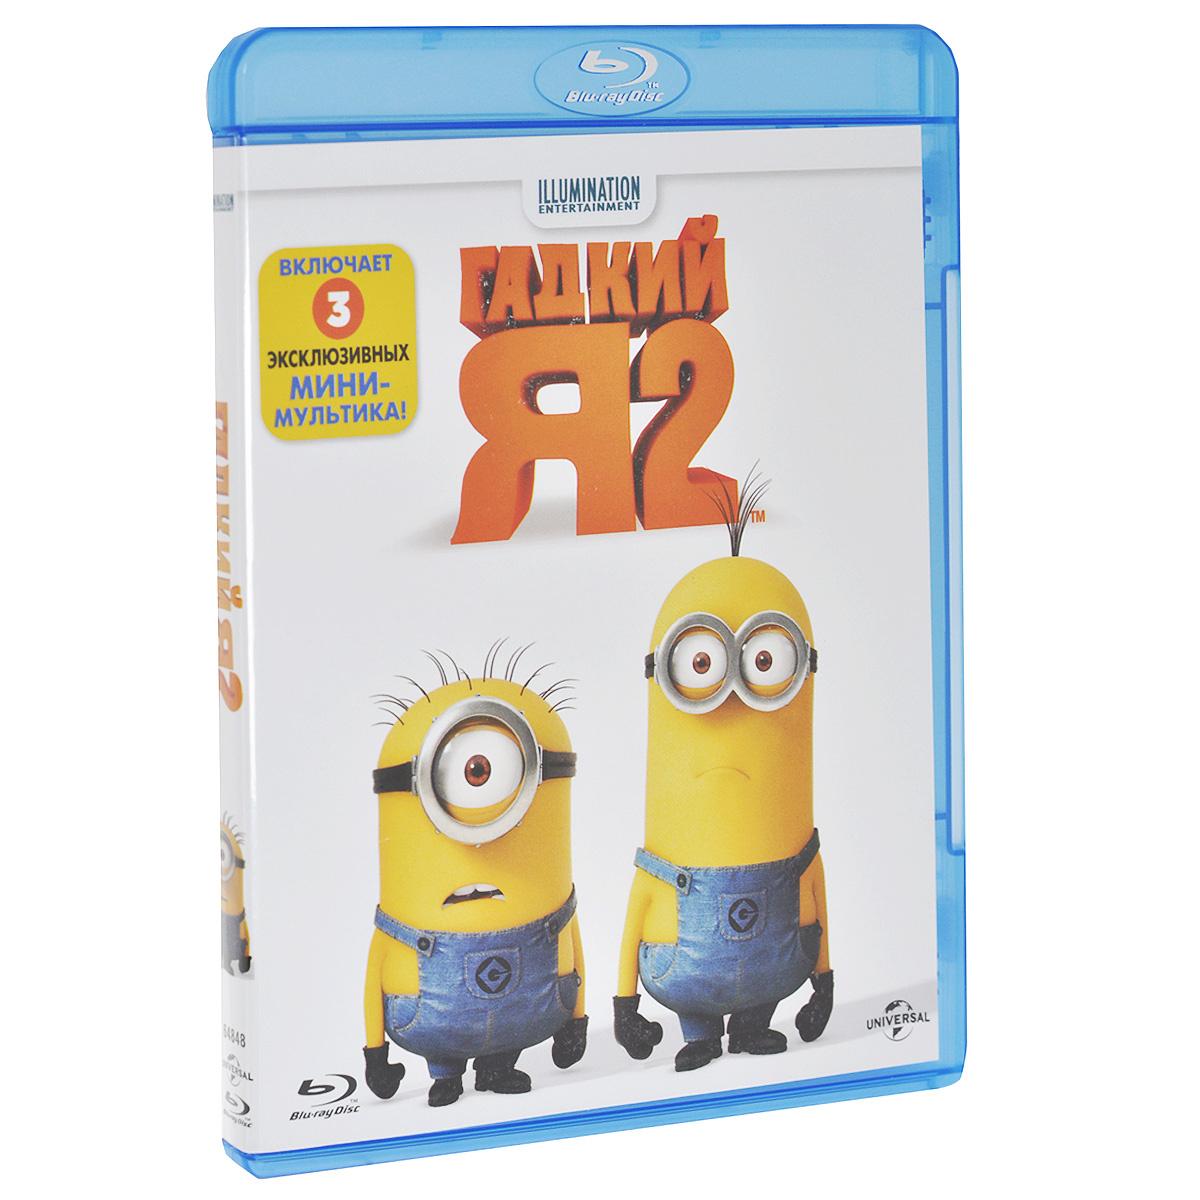 Гадкий Я 2 (Blu-ray) #1